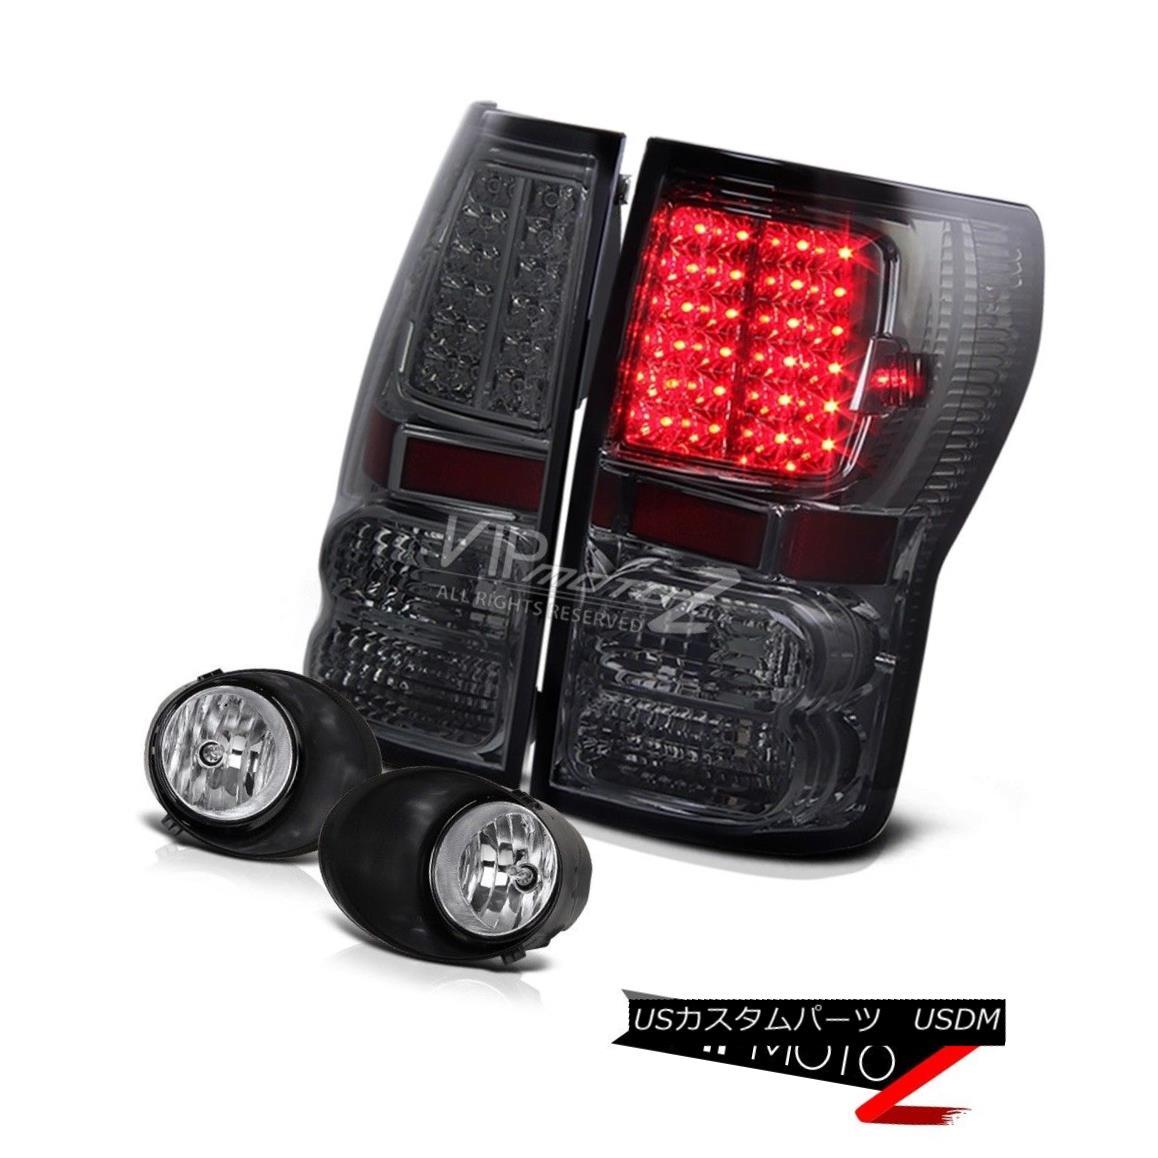 テールライト Smoke L+R Led Tail Light+Crystal Front Bumper Fog Light 2007-13 Toyota Tundra 煙L + R Ledテールライト+クリスタルフロントバンパーフォグライト2007-13 Toyota Tundra